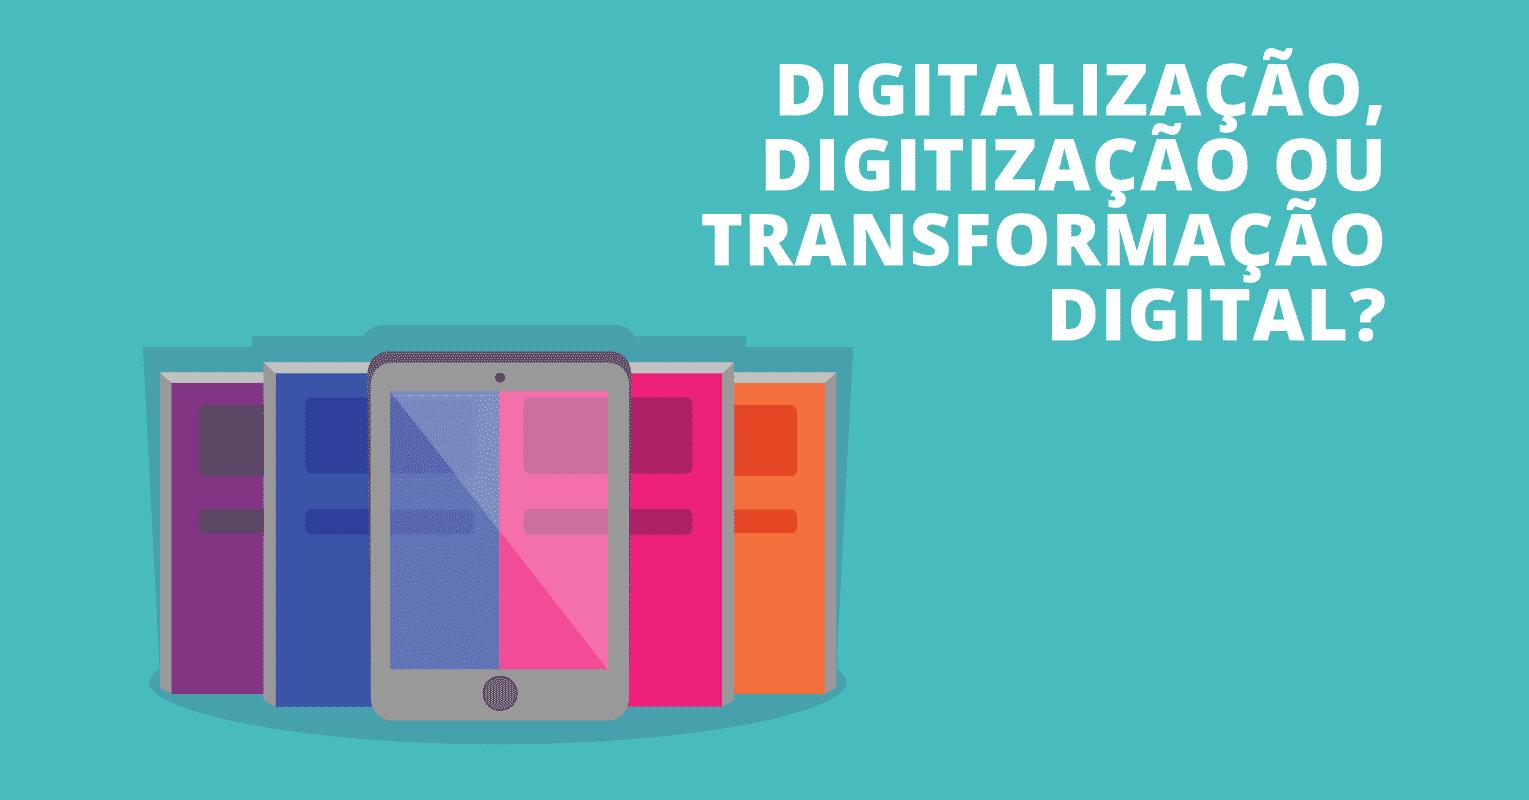 digitalização, digitização e transformação digital